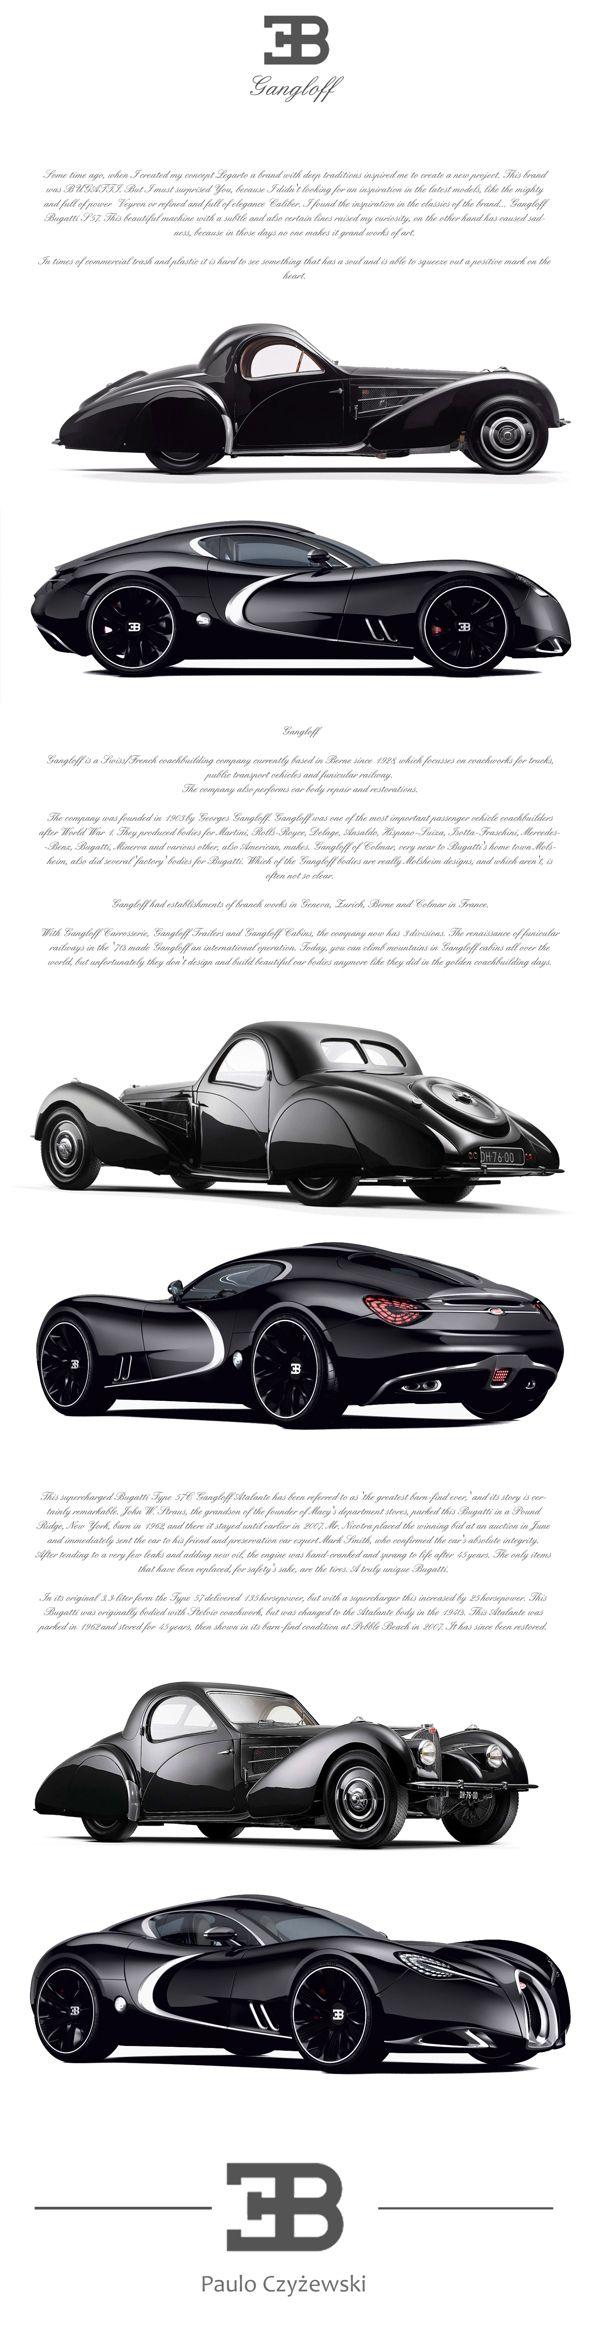 BUGATTI GANGLOFF CONCEPT CAR , INVISIUM by Paweł Czyżewski, via Behance - we human like to dream <3